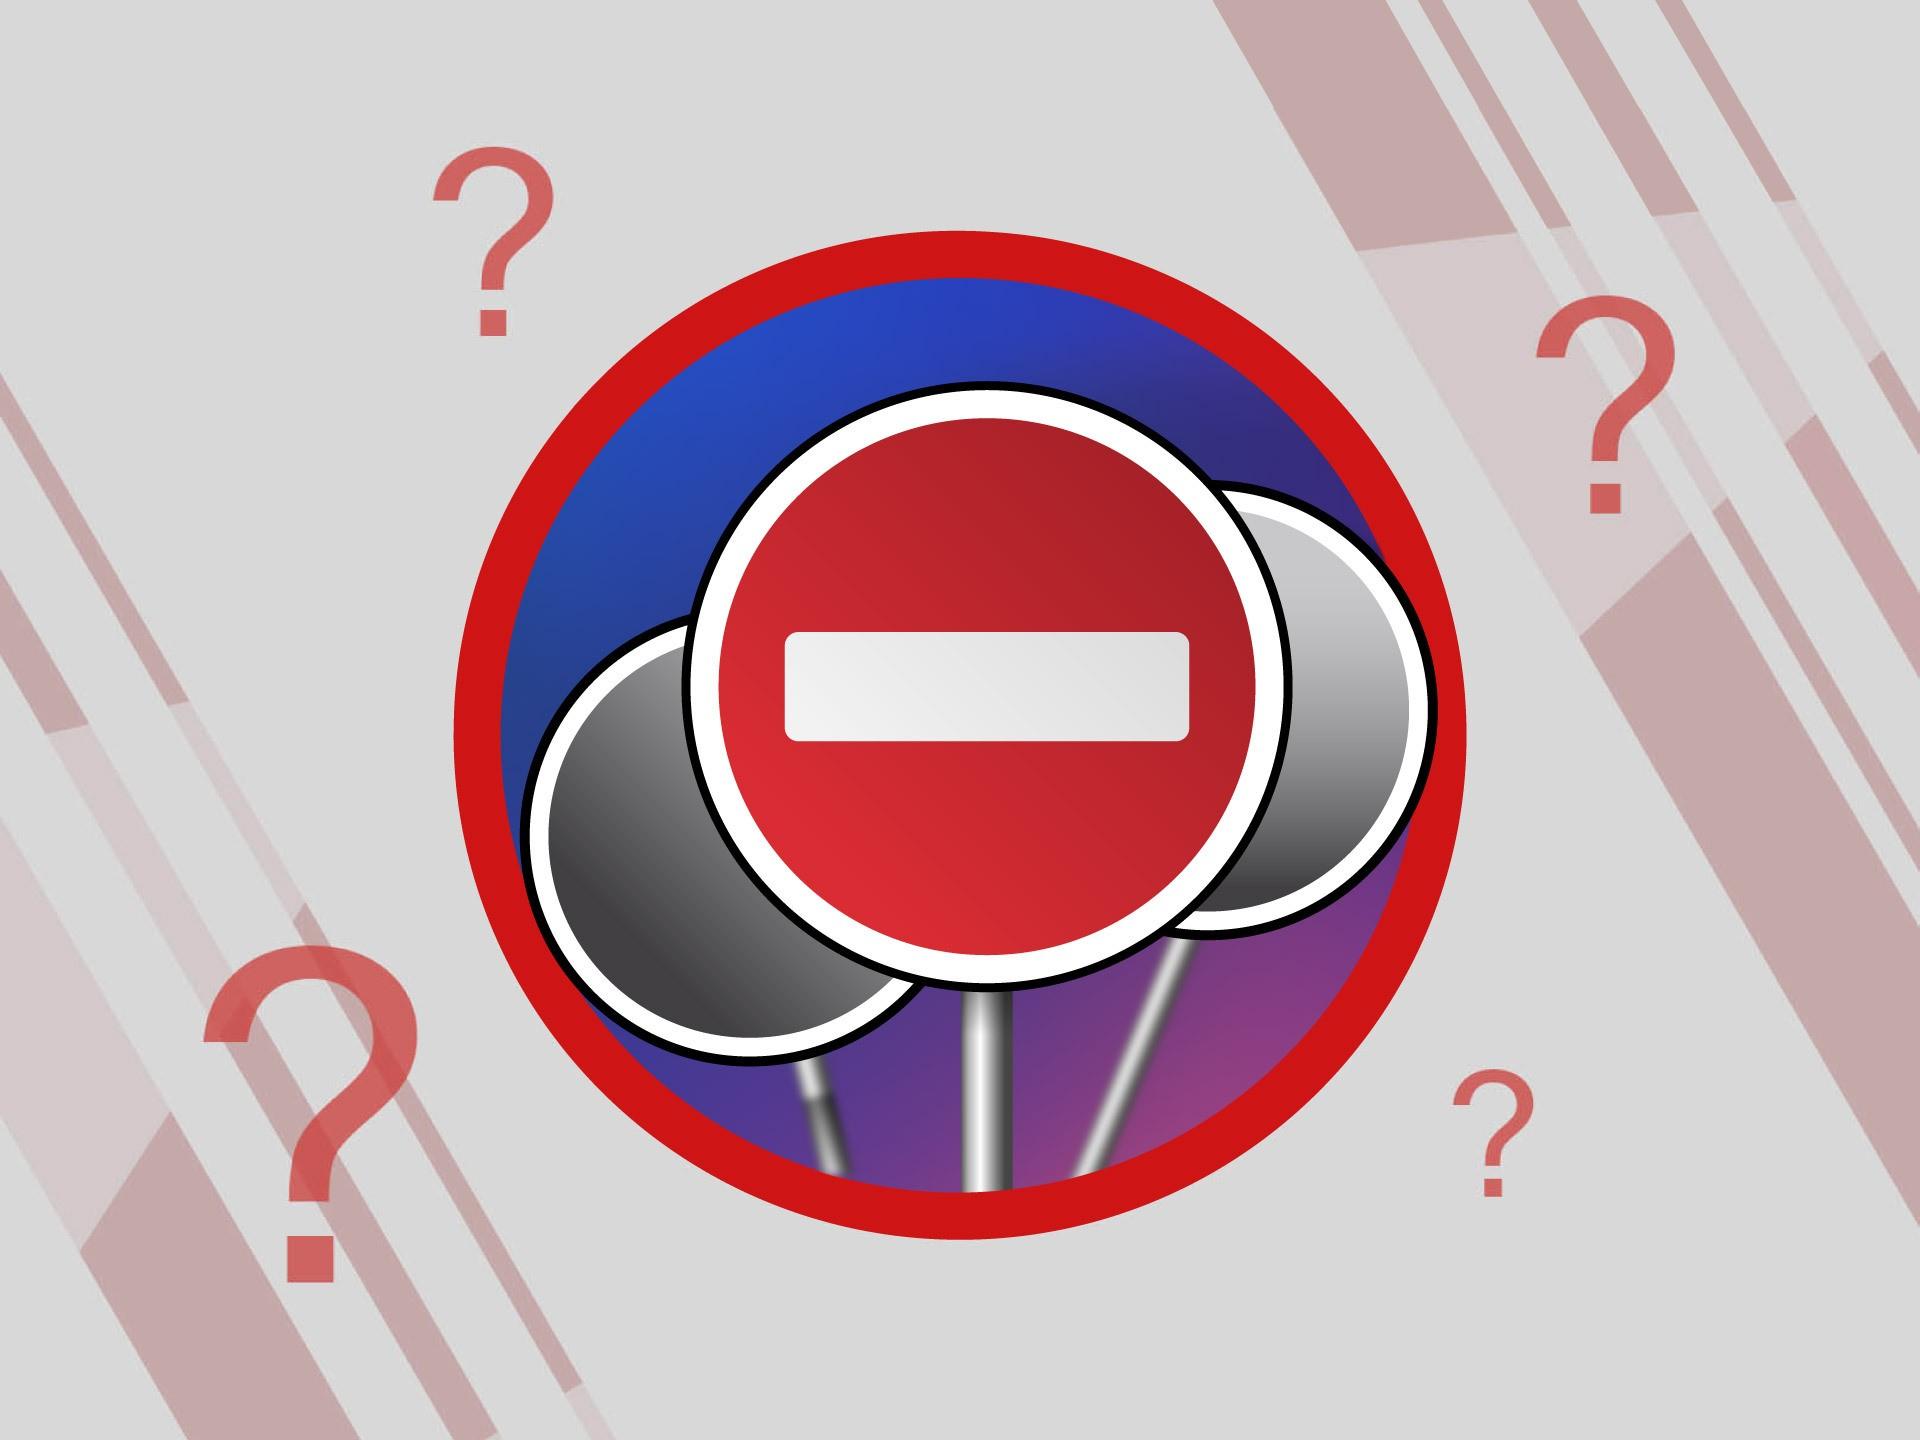 Не только кирпич: под какие знаки запрещено ехать на автомобиле и чем это чревато авто,авто и мото,водителю на заметку,гибдд,дтп,машины,пдд,Россия,советы,штрафы и дтп